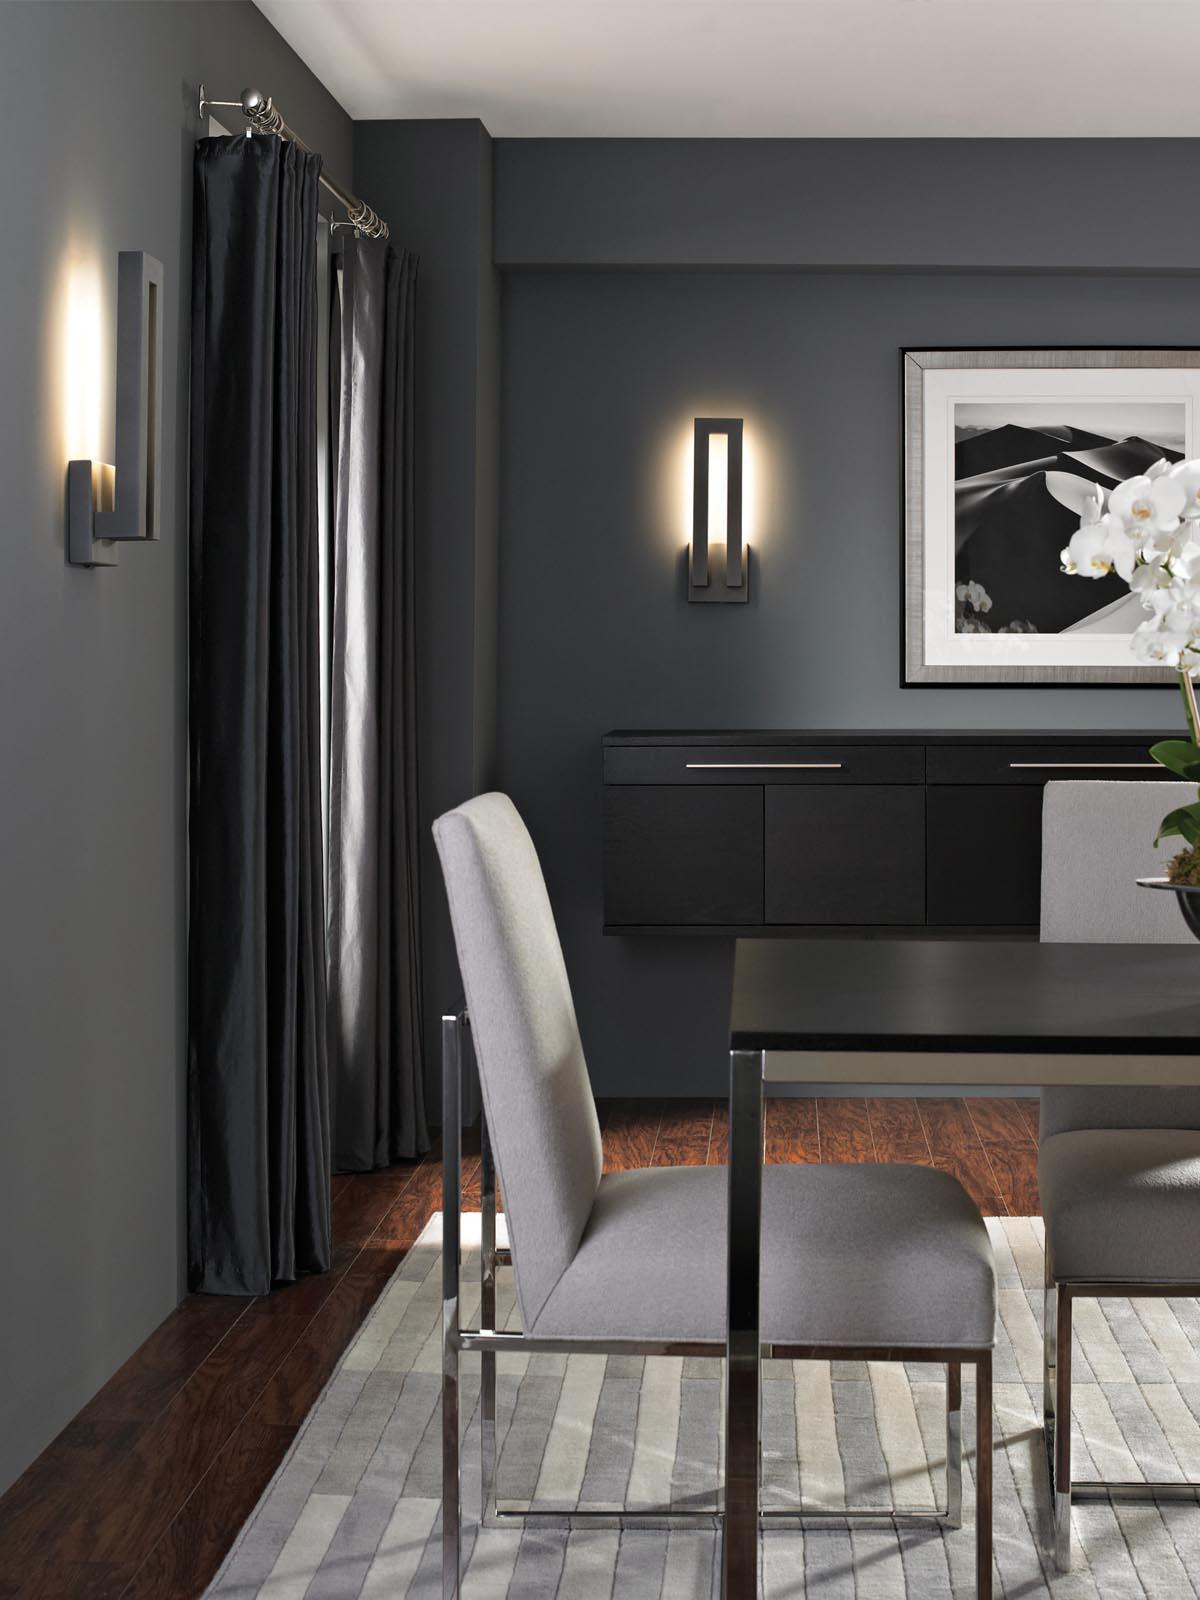 lighting sconces for living room. Original Resolution Lighting Sconces For Living Room